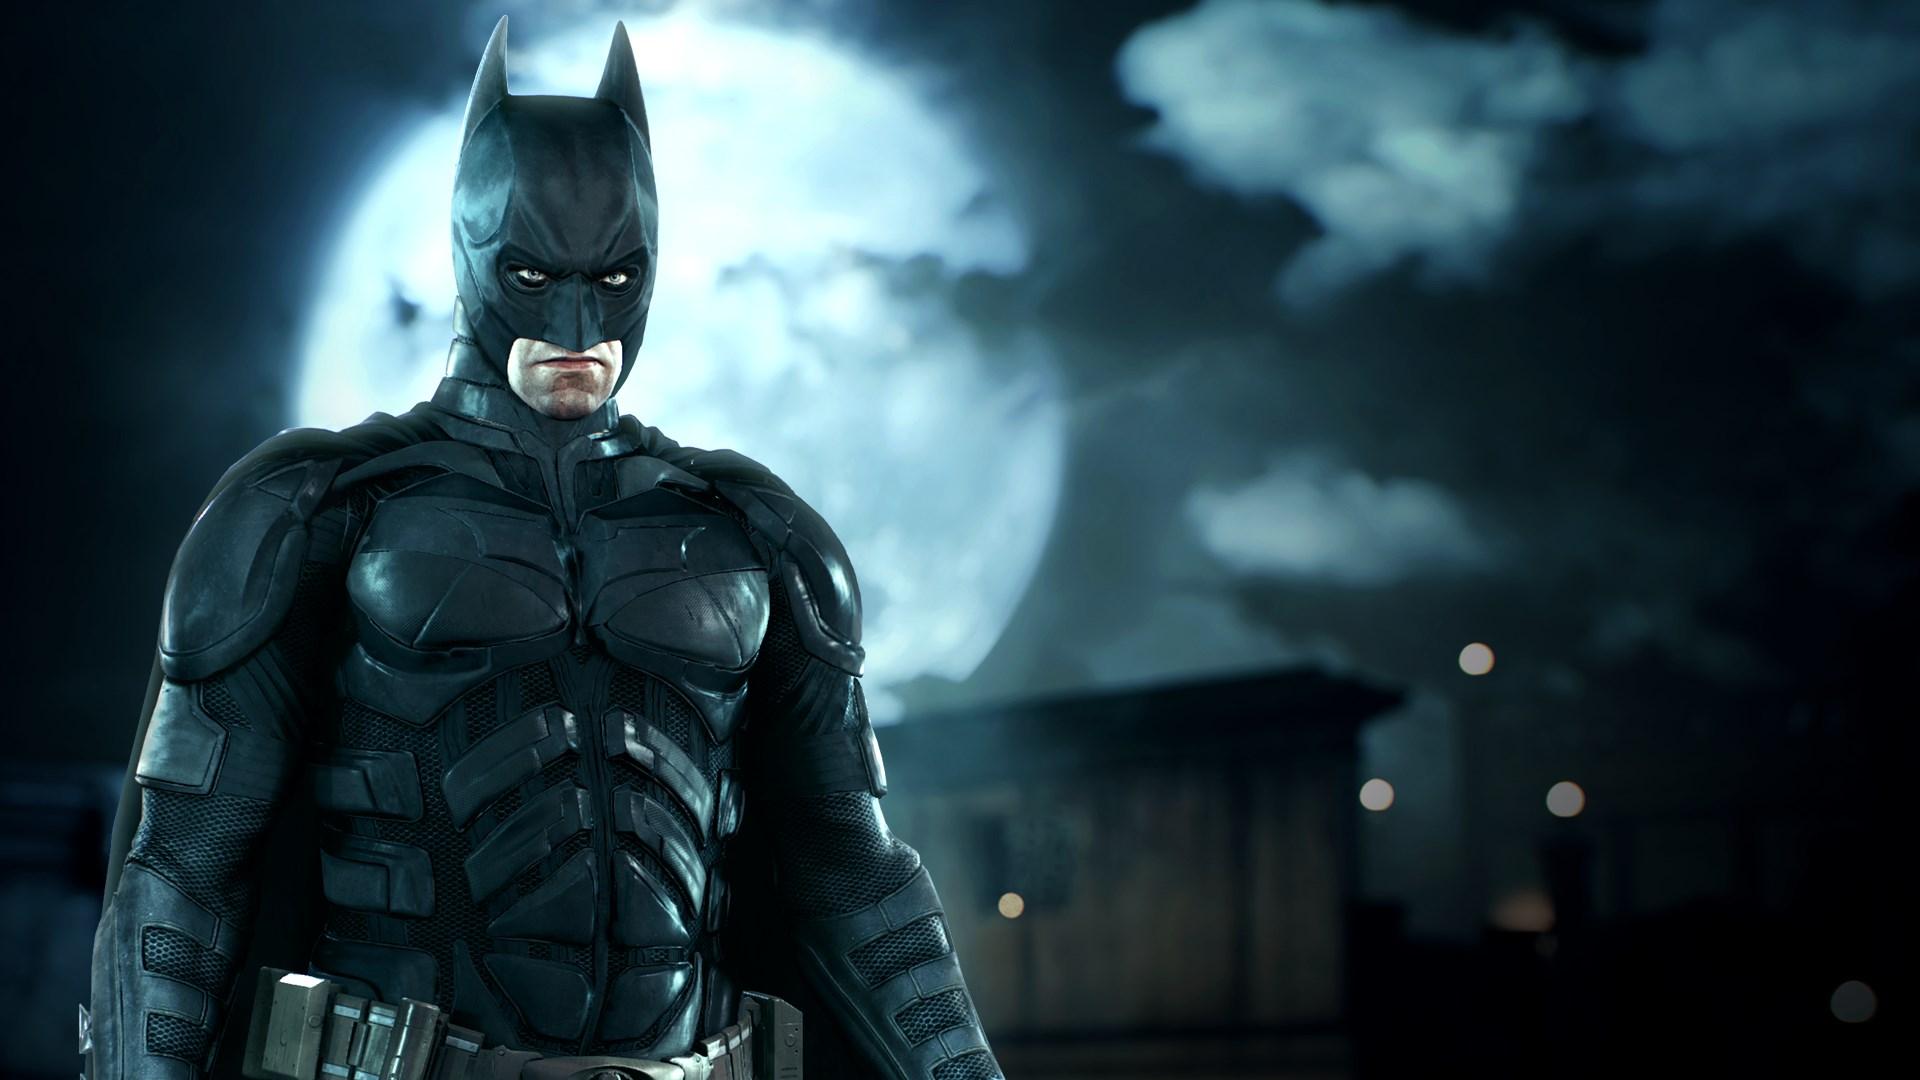 2008er Batman Film-Skin